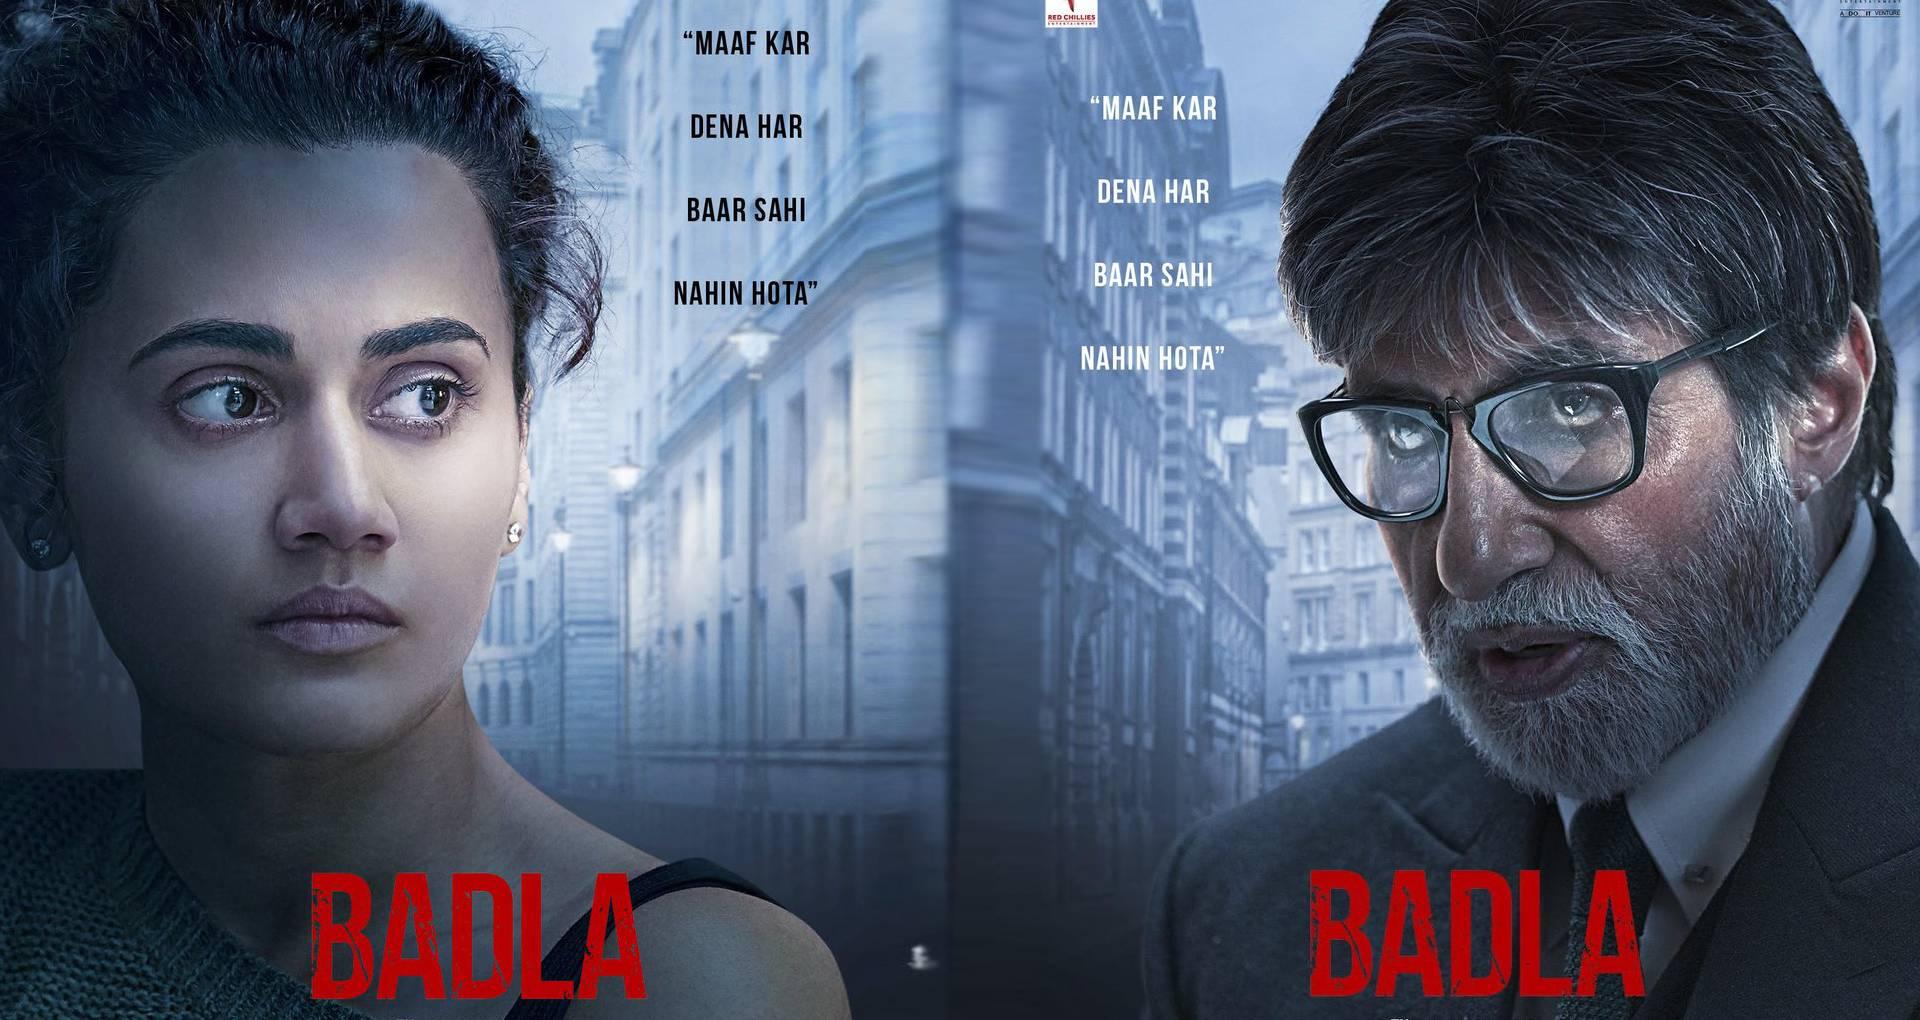 तापसी पन्नु-अमिताभ बच्चन फिल्म बदला में एक साथ फिर आएंगे नजर, शाहरुख खान ने शेयर किए दो पोस्टर